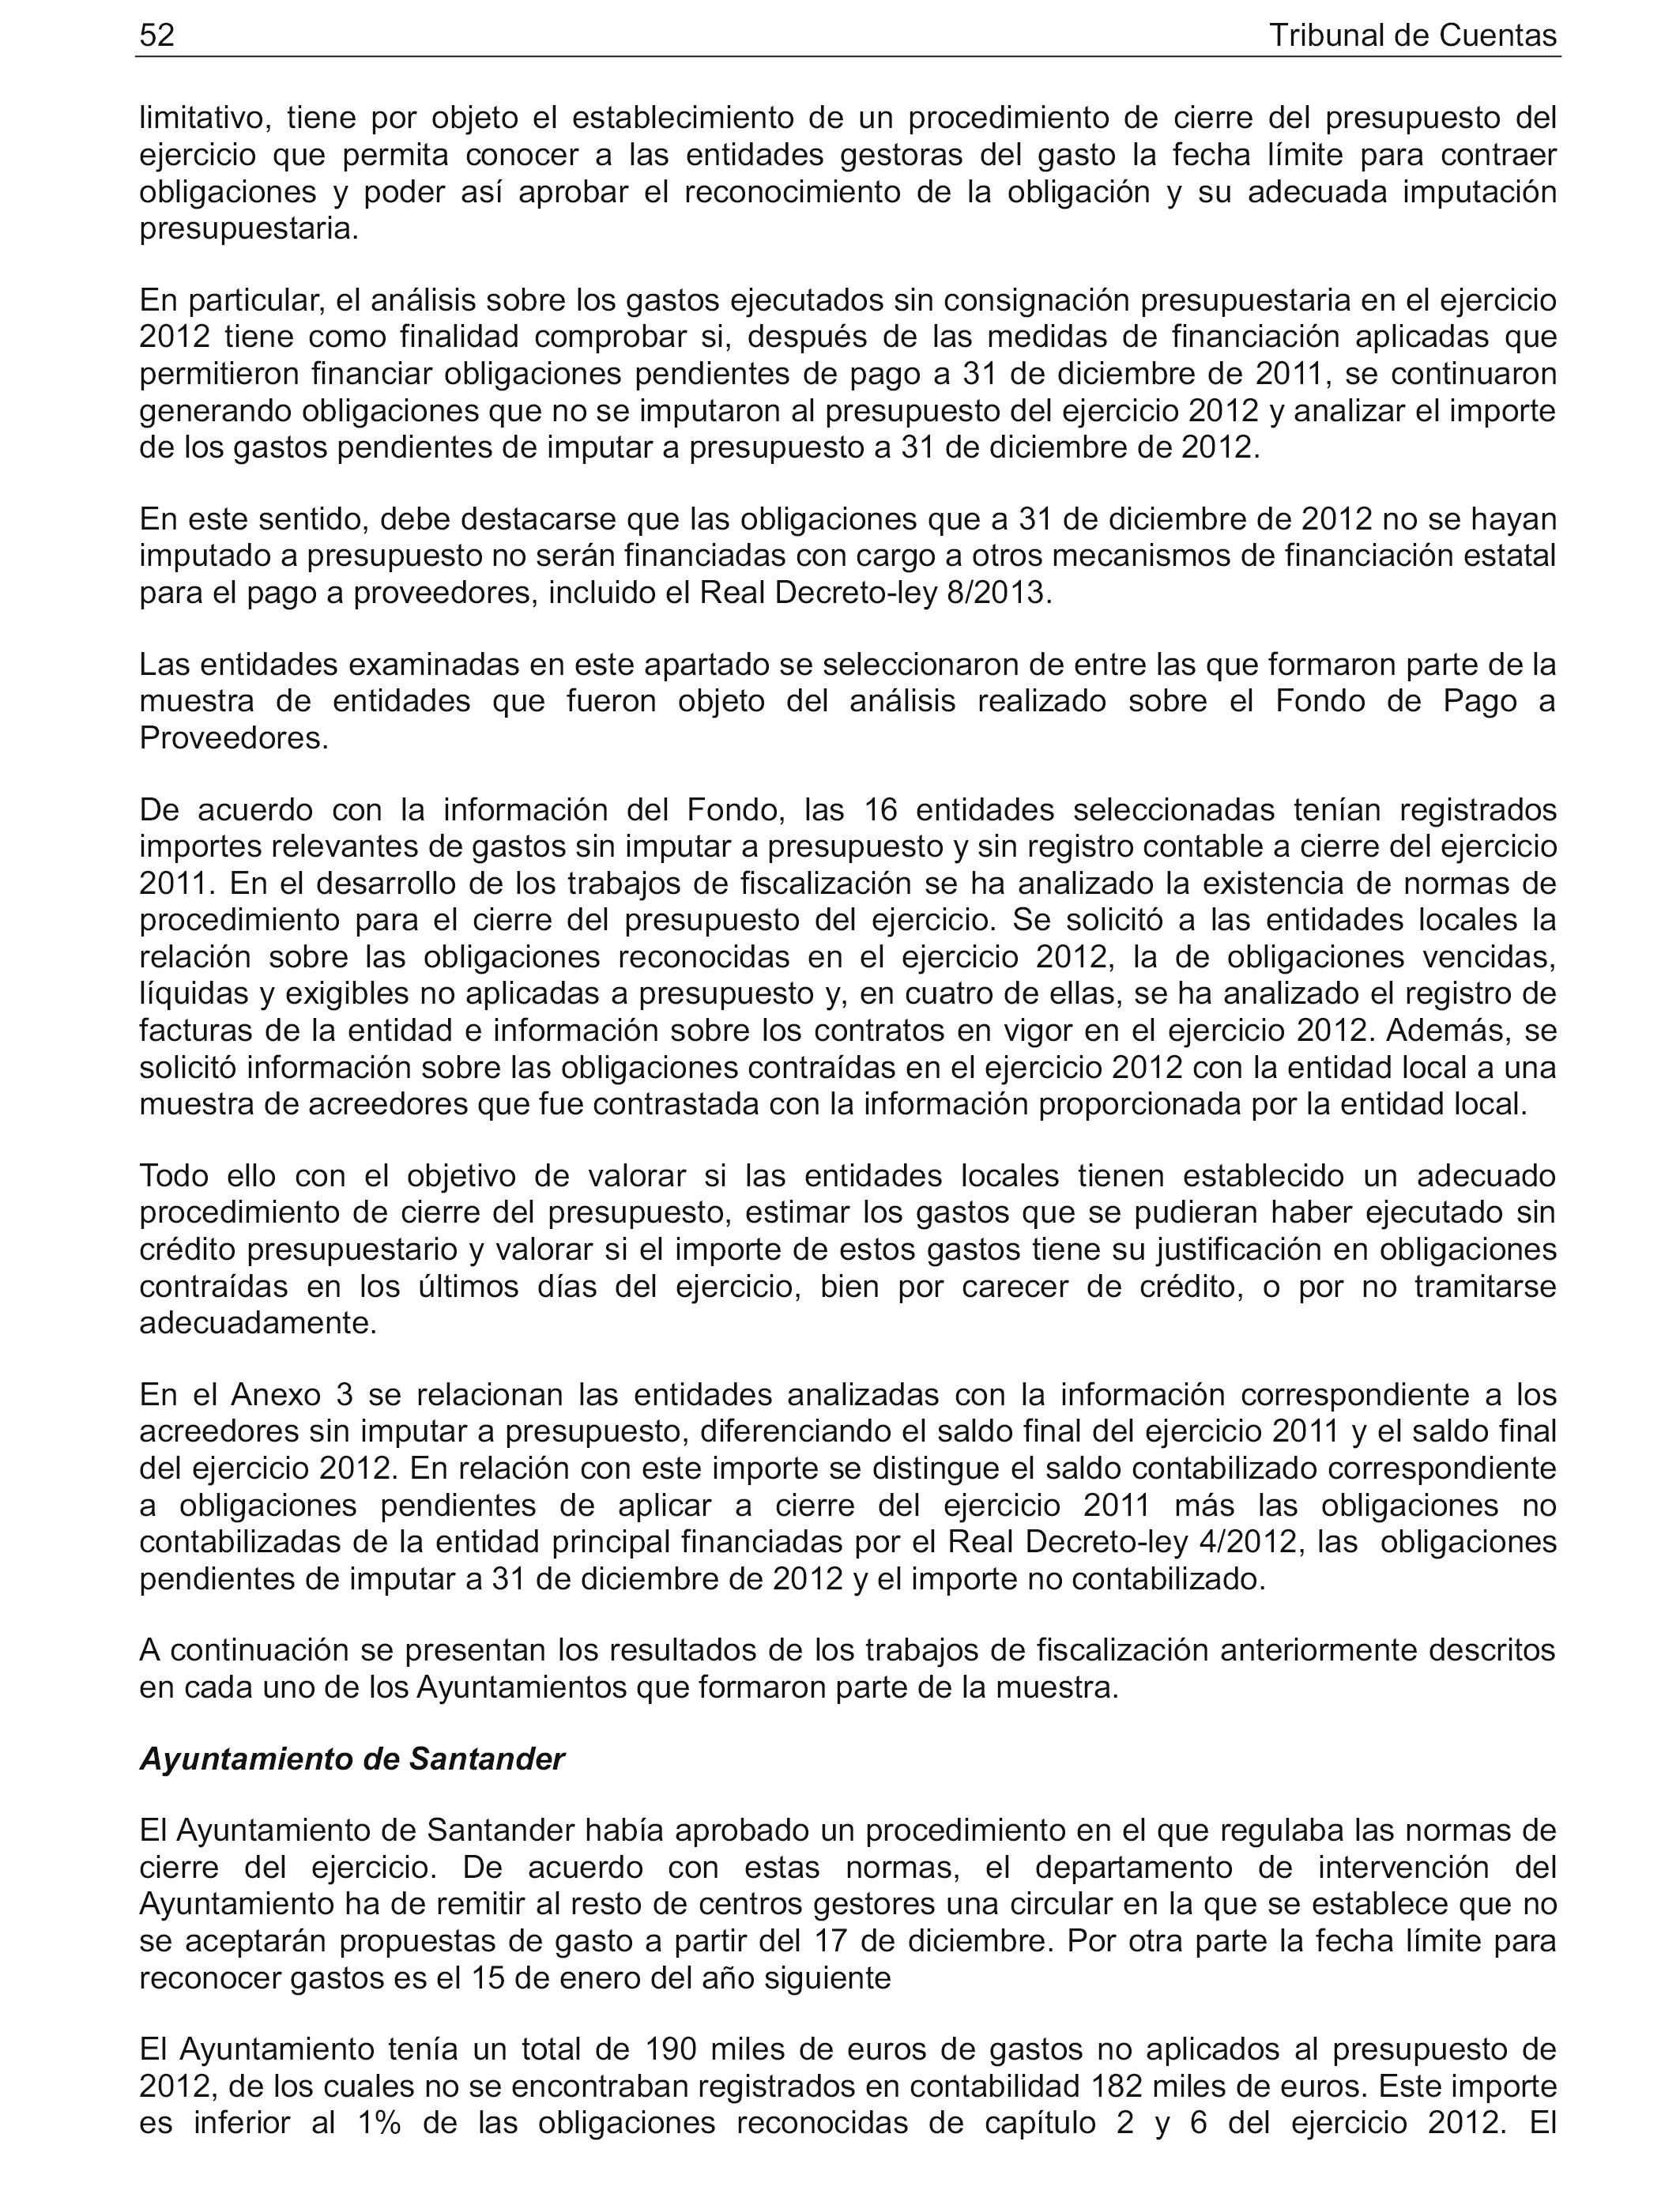 Excepcional Reanudar Objetivo Contable Bandera - Ejemplo De ...